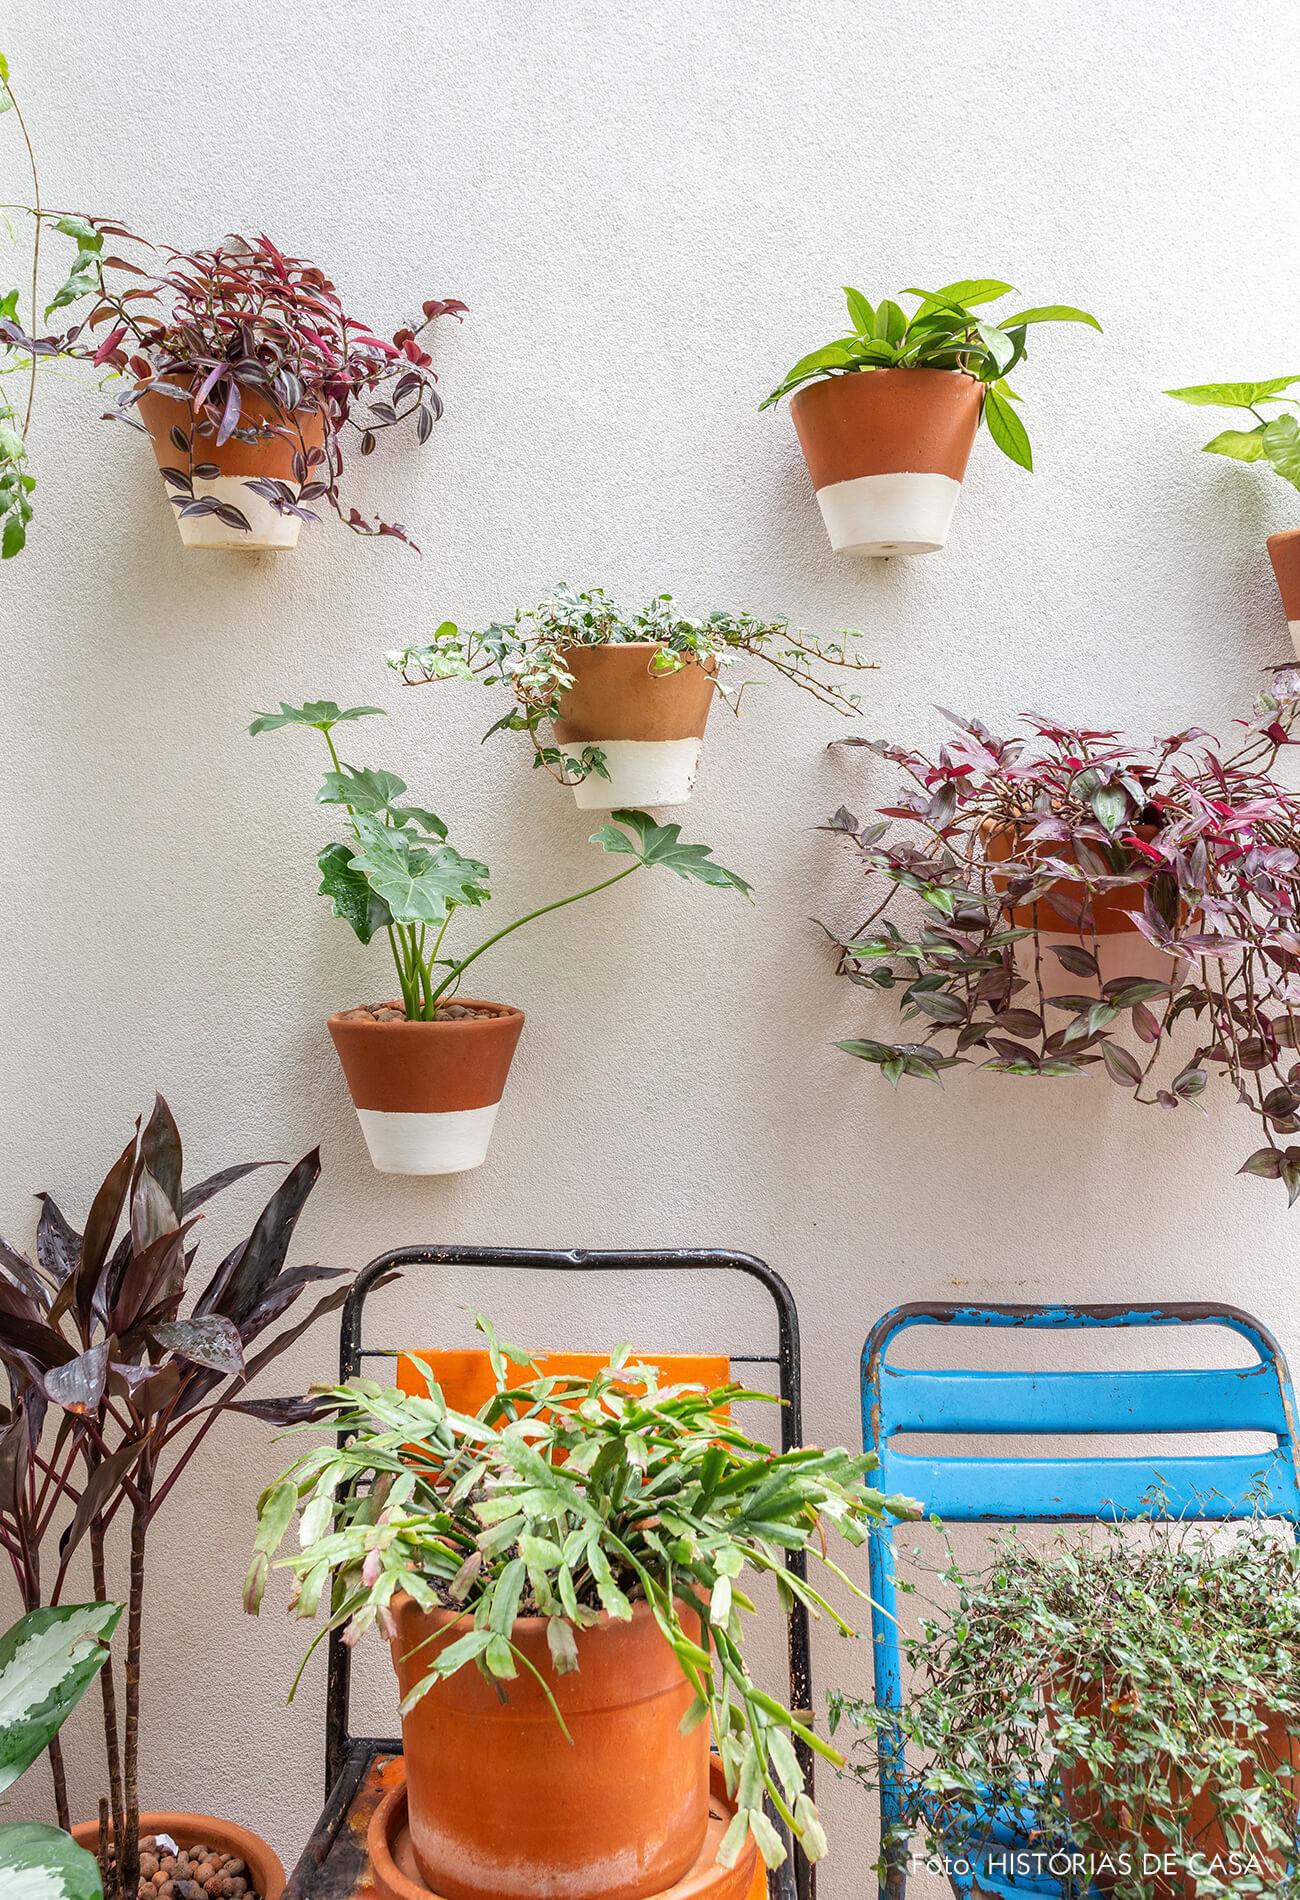 Jardim com muitas plantas e vasos na parede